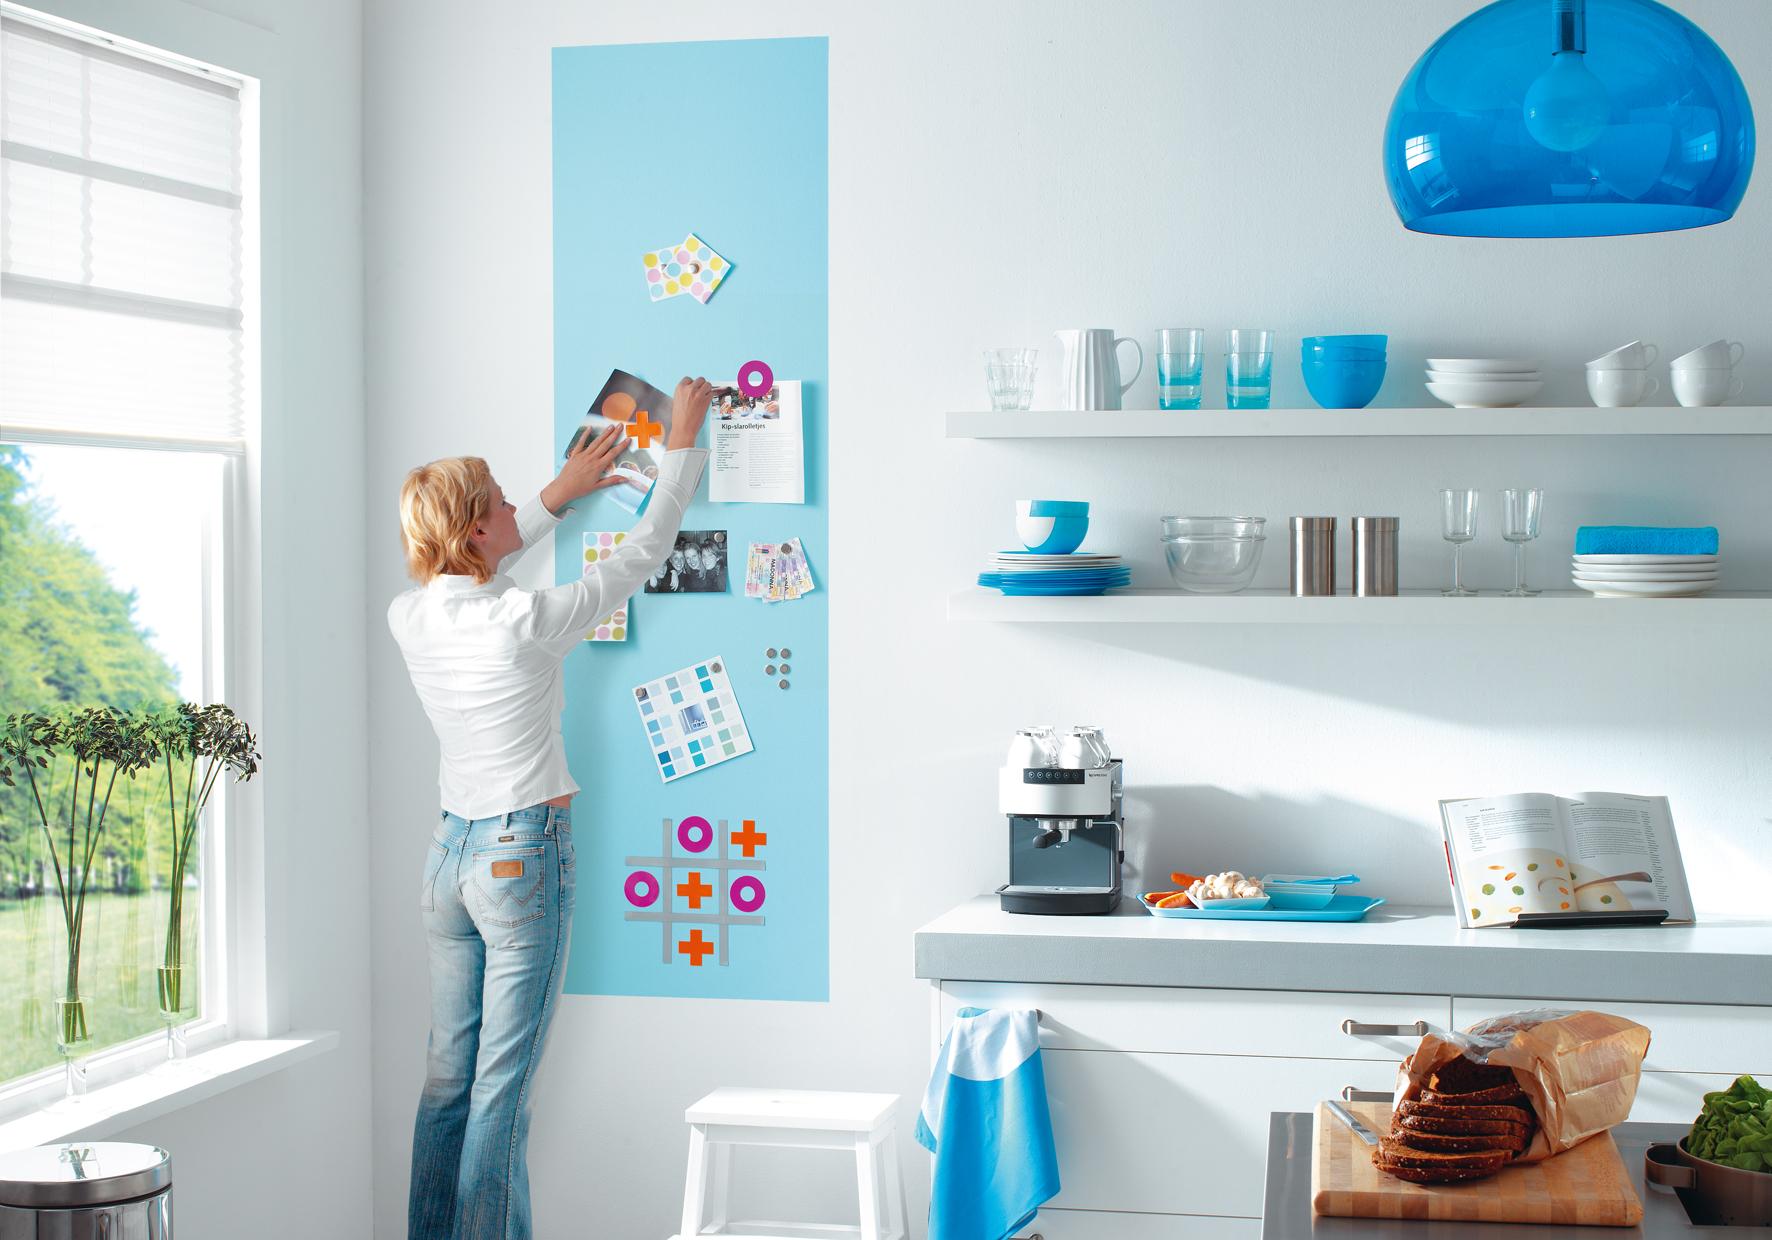 Vernice Lavagna Magnetica Colorata vernice magnetica: gesso marcatore, grafite e pittura murale